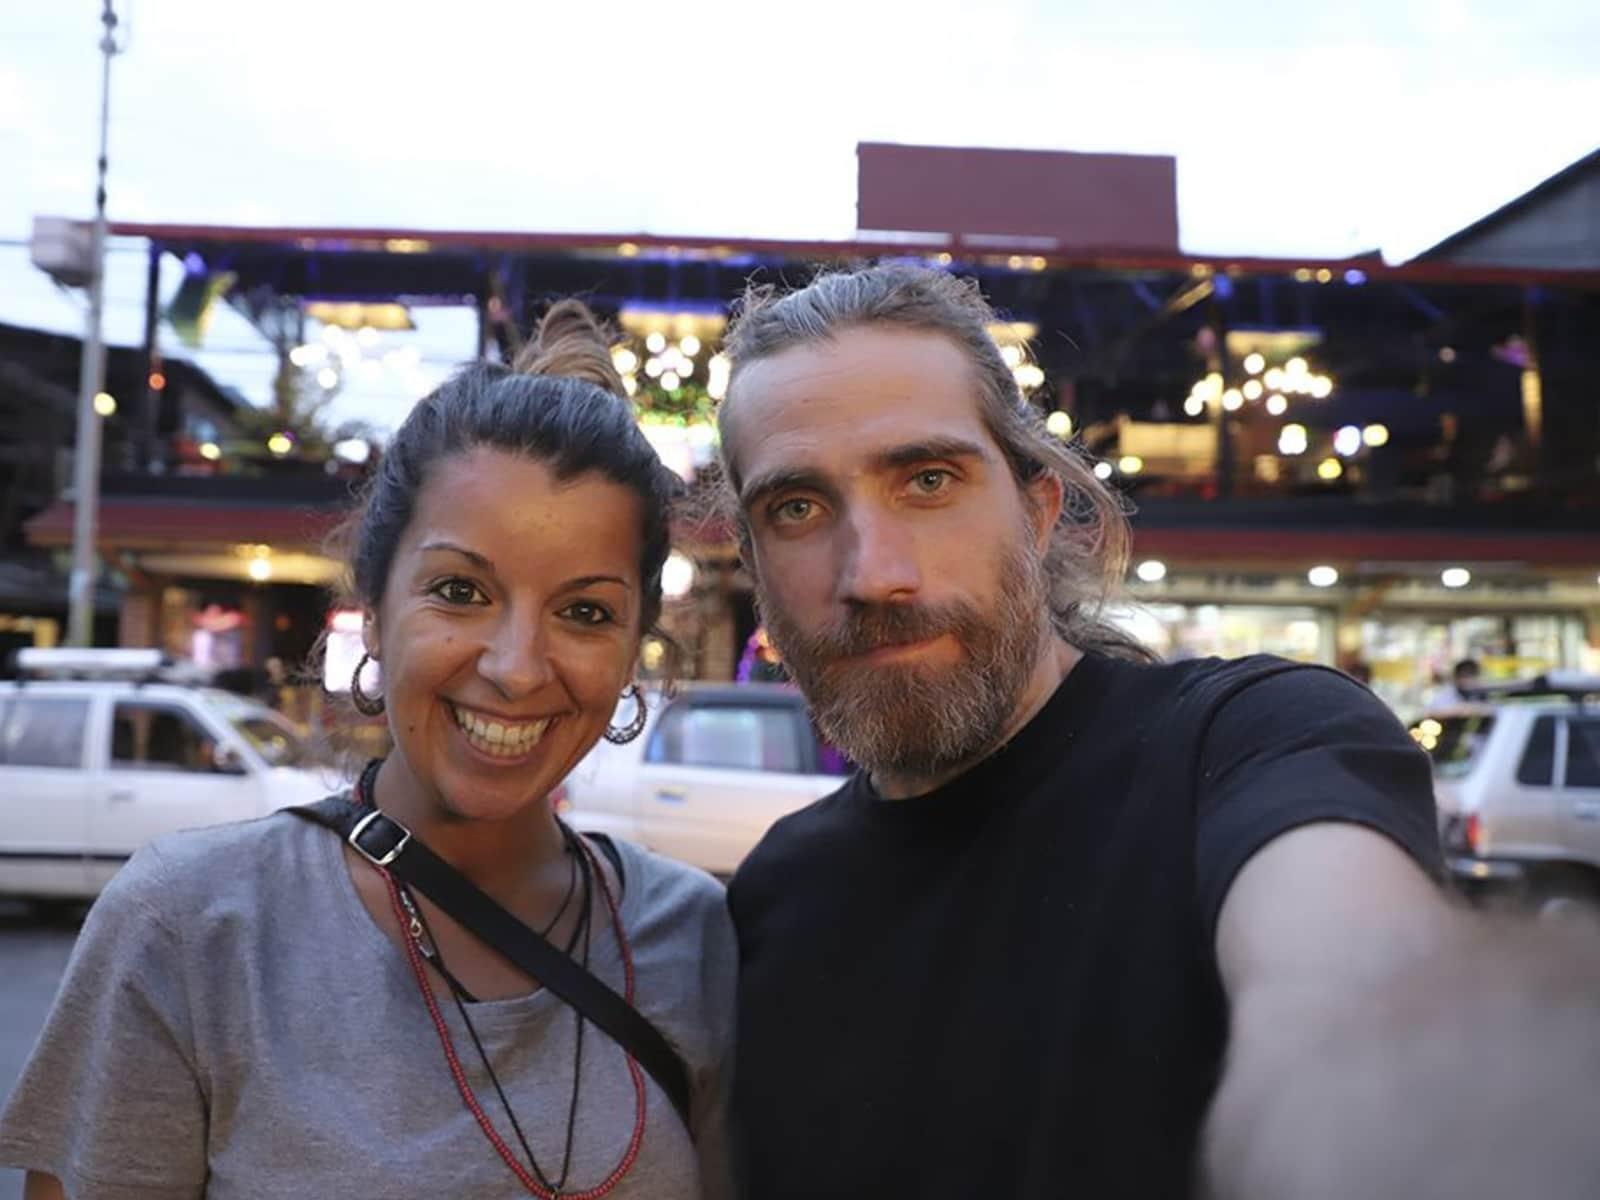 Maria & Xavi from Barcelona, Spain